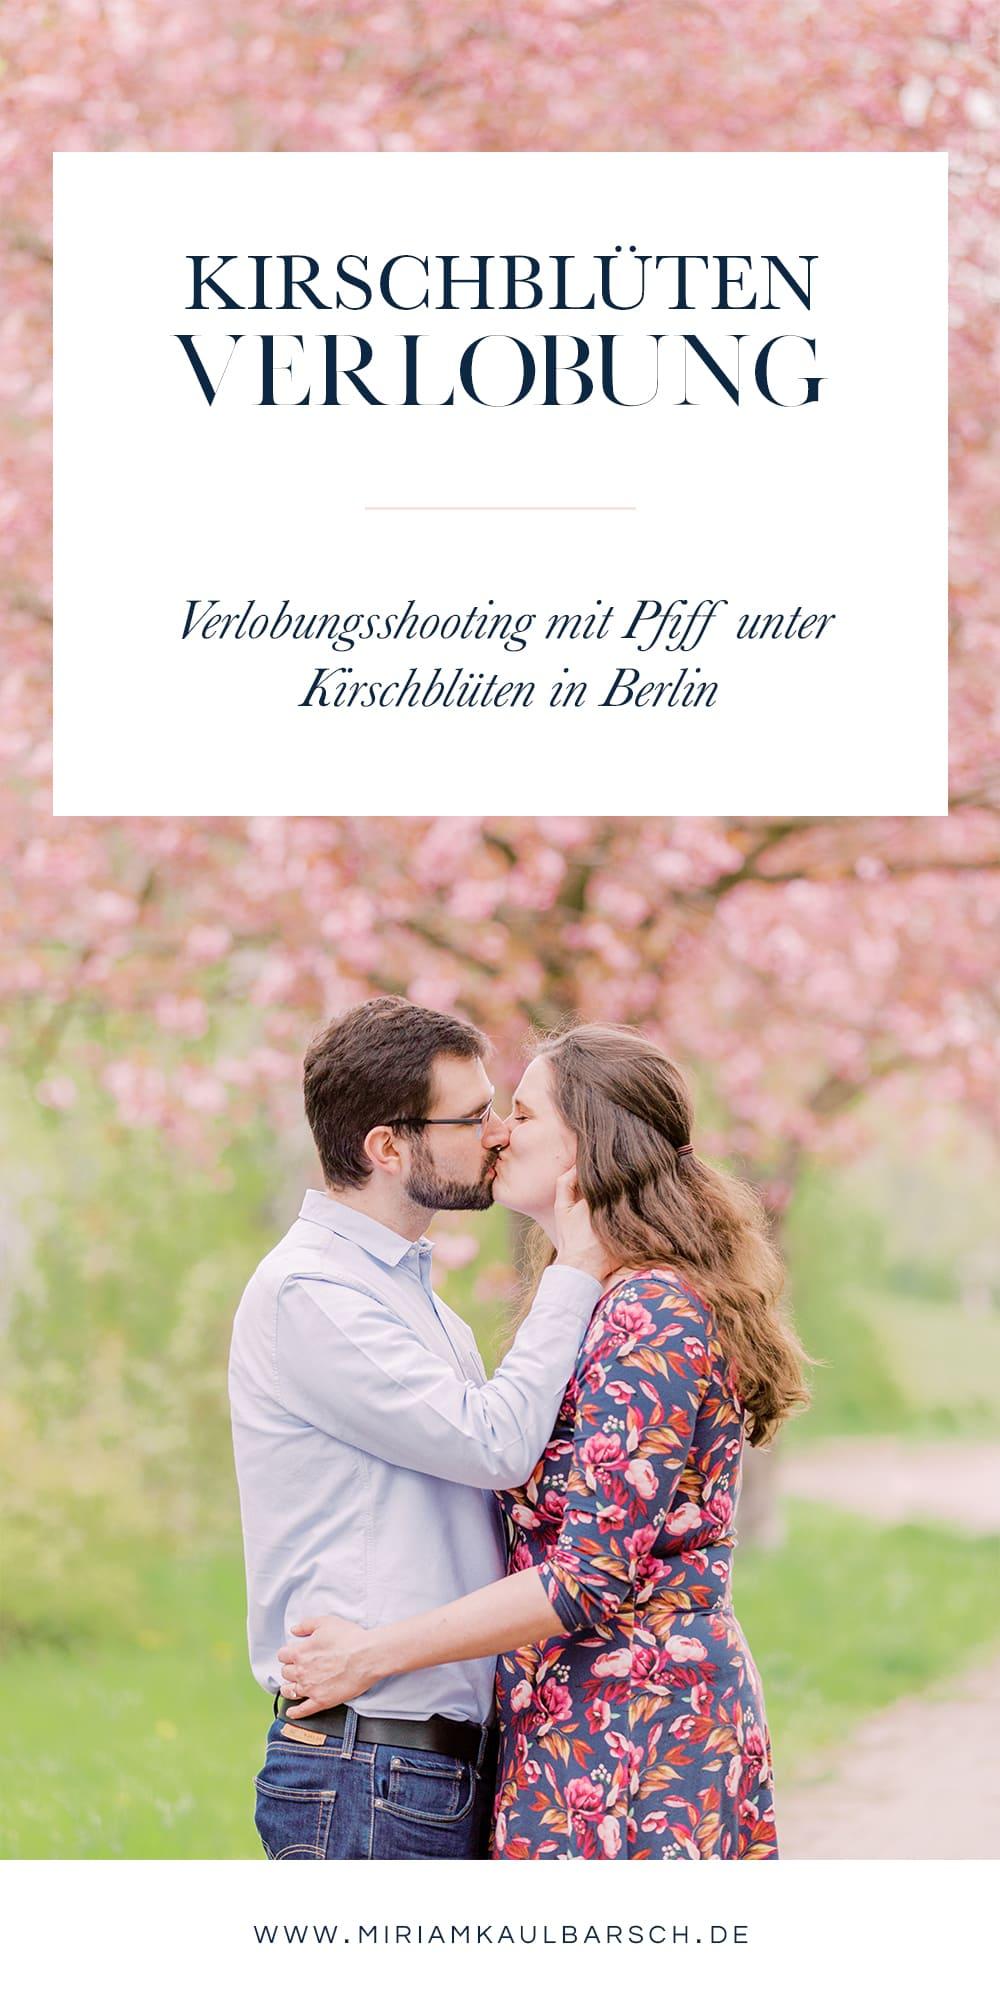 Kischblüten Verlobung mit Pfiff in Berlin